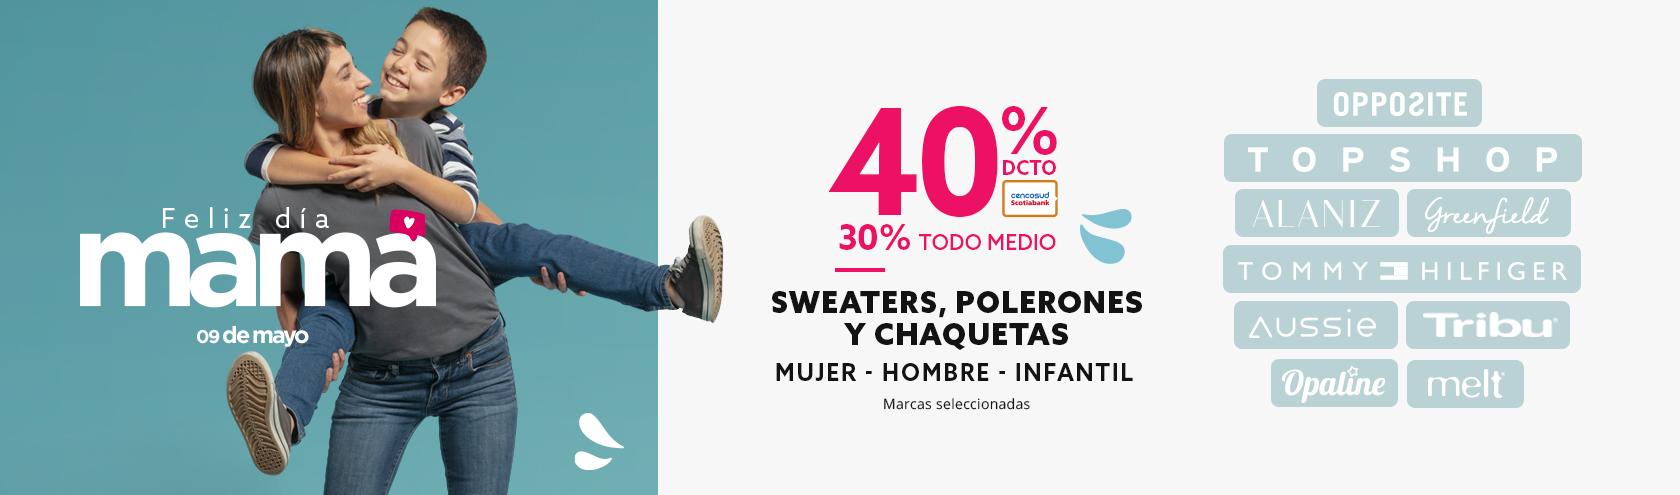 40/30 sweaters, polerones y chaquetas mujer marcas seleccionadas